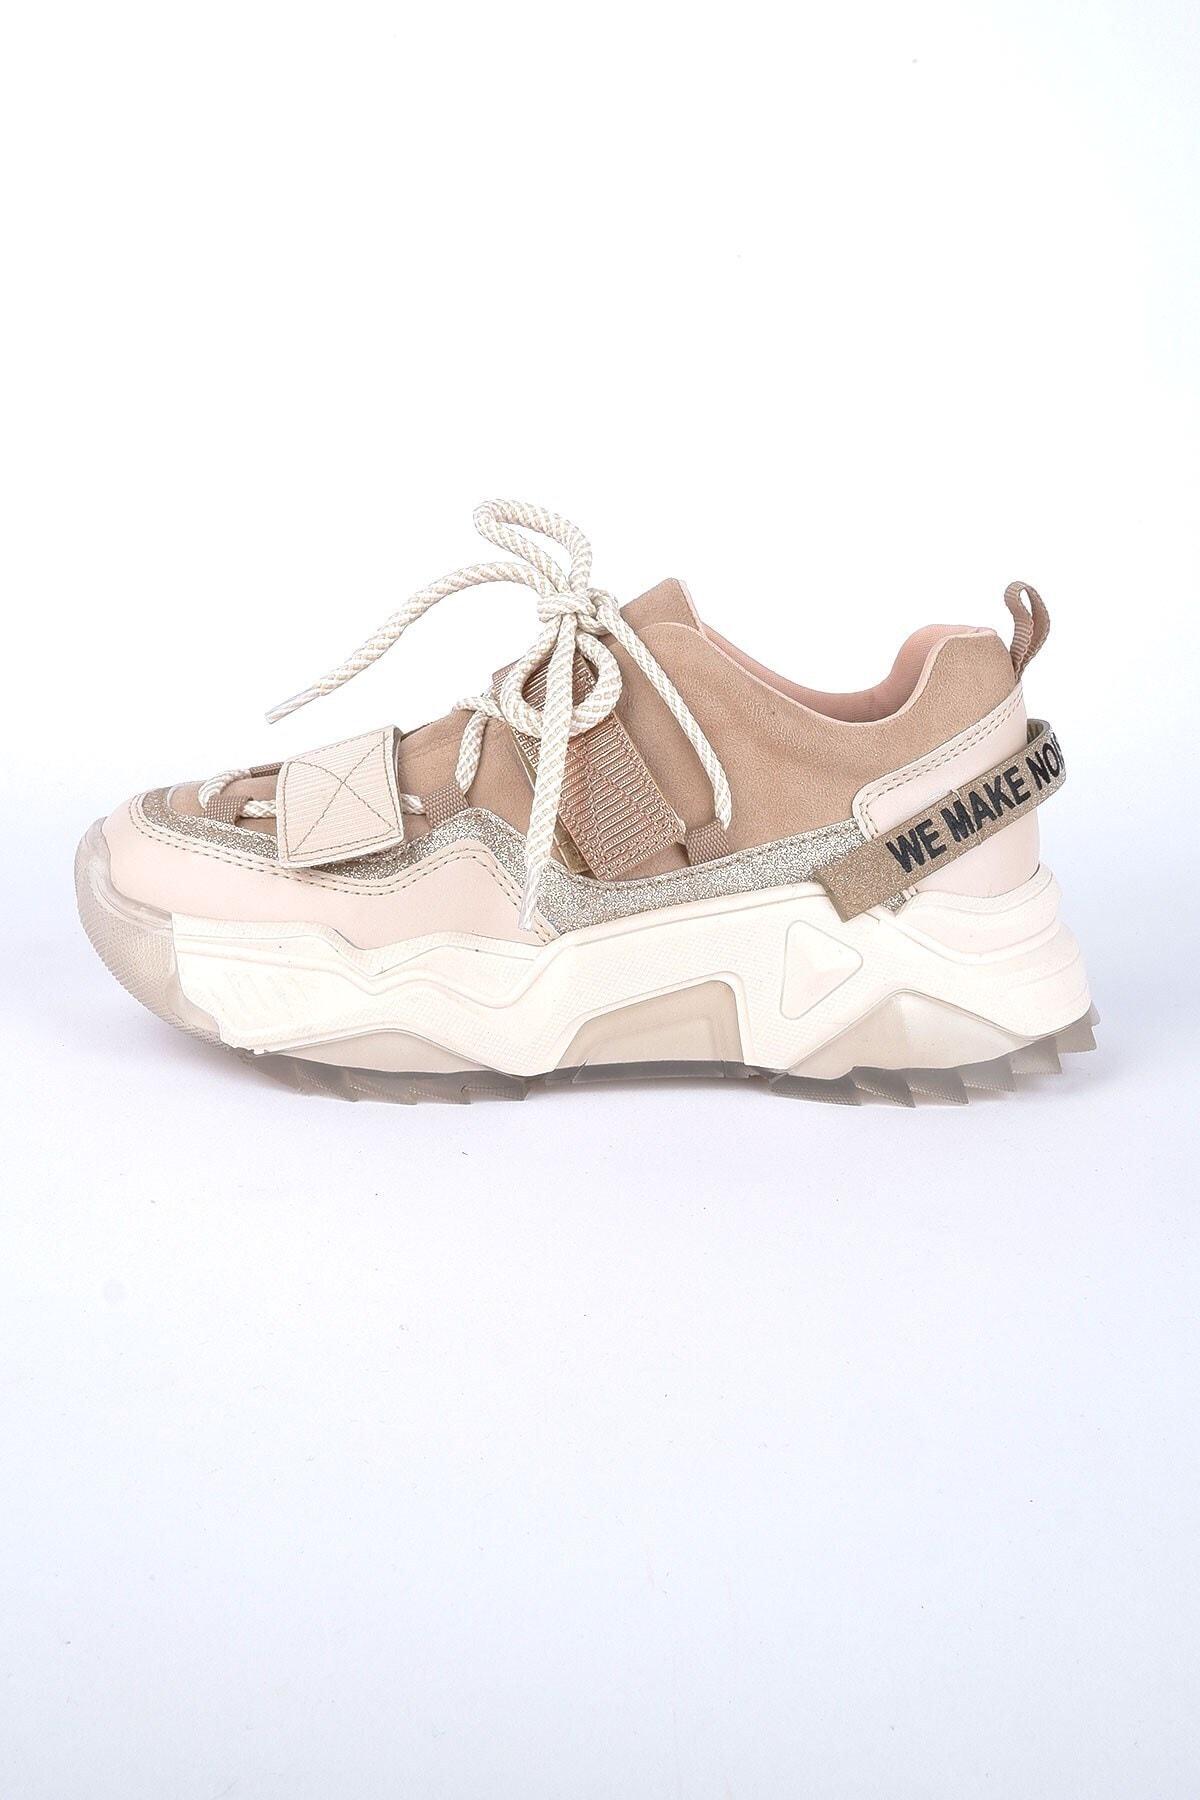 Kadın Spor Ayakkabı Bej-rose Multi